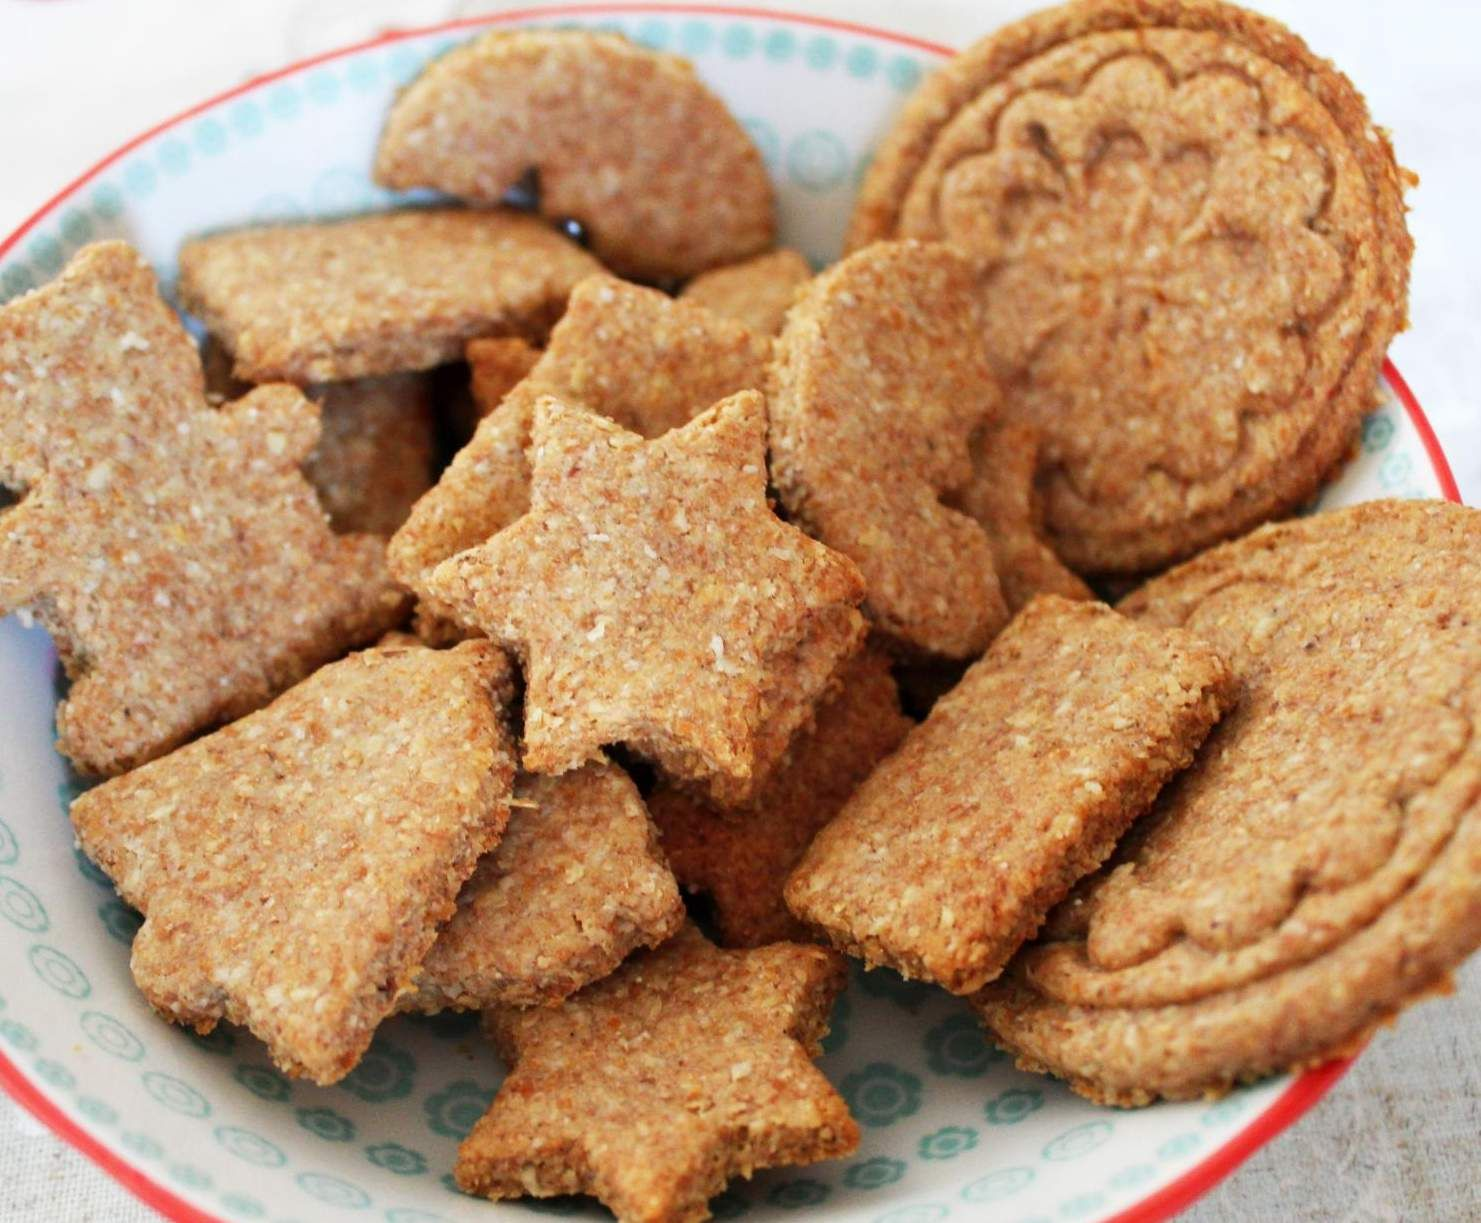 Kuchen Fur Kinder Ohne Zucker Karotten Apfel Kuchen Ohne Zucker